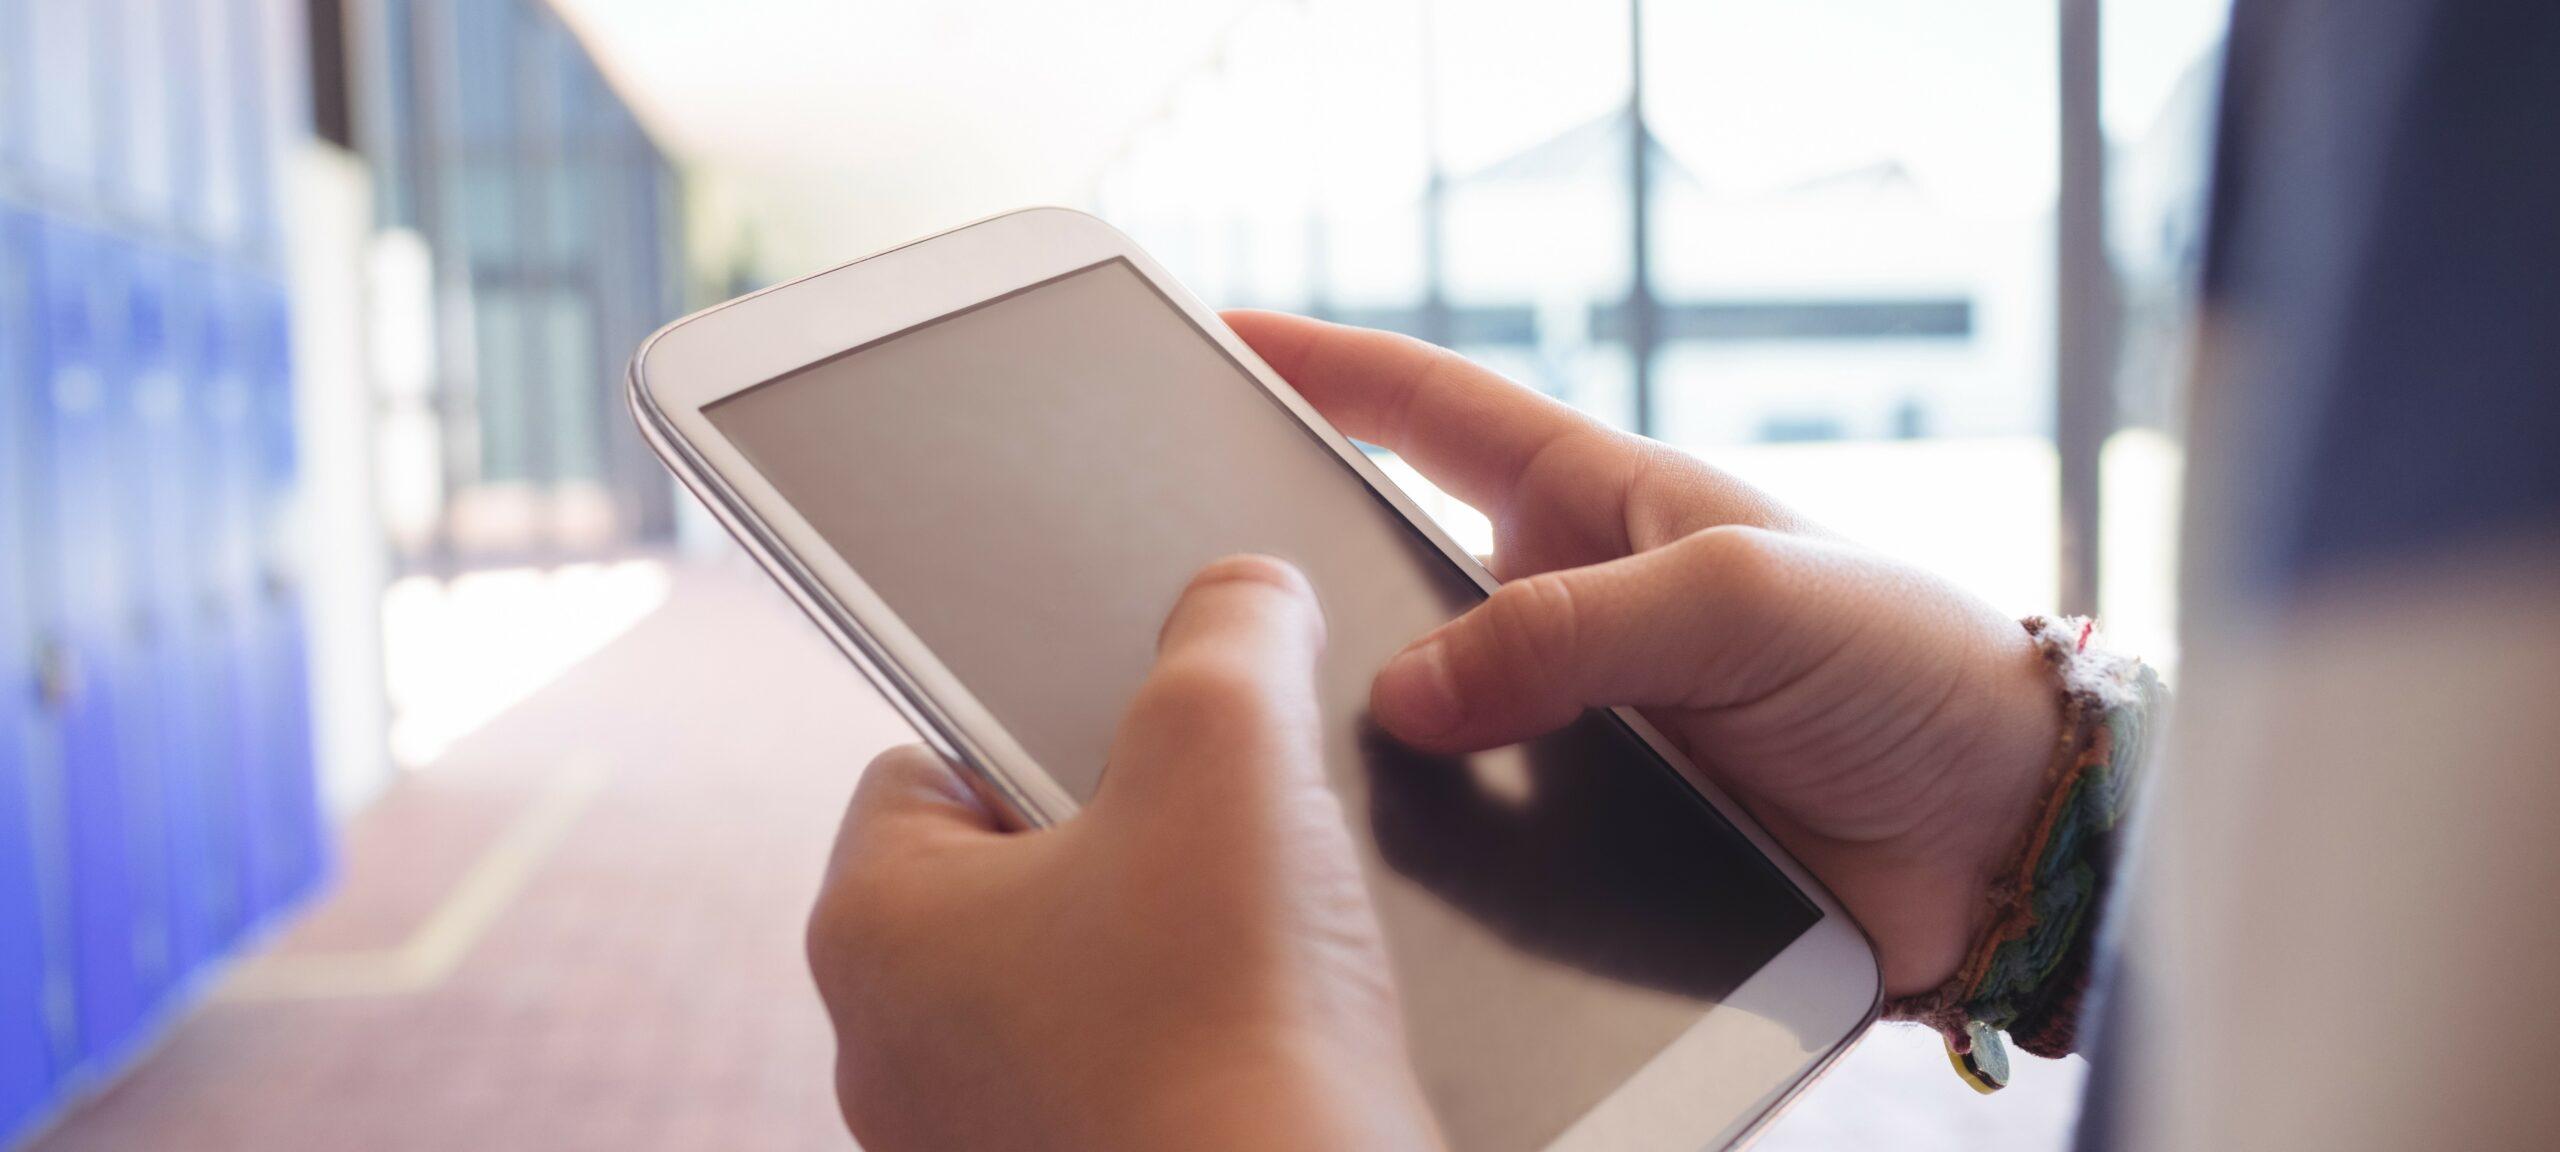 Durch die Onlineberatung können sich Kinder und Jugendliche anonym beraten lassen.